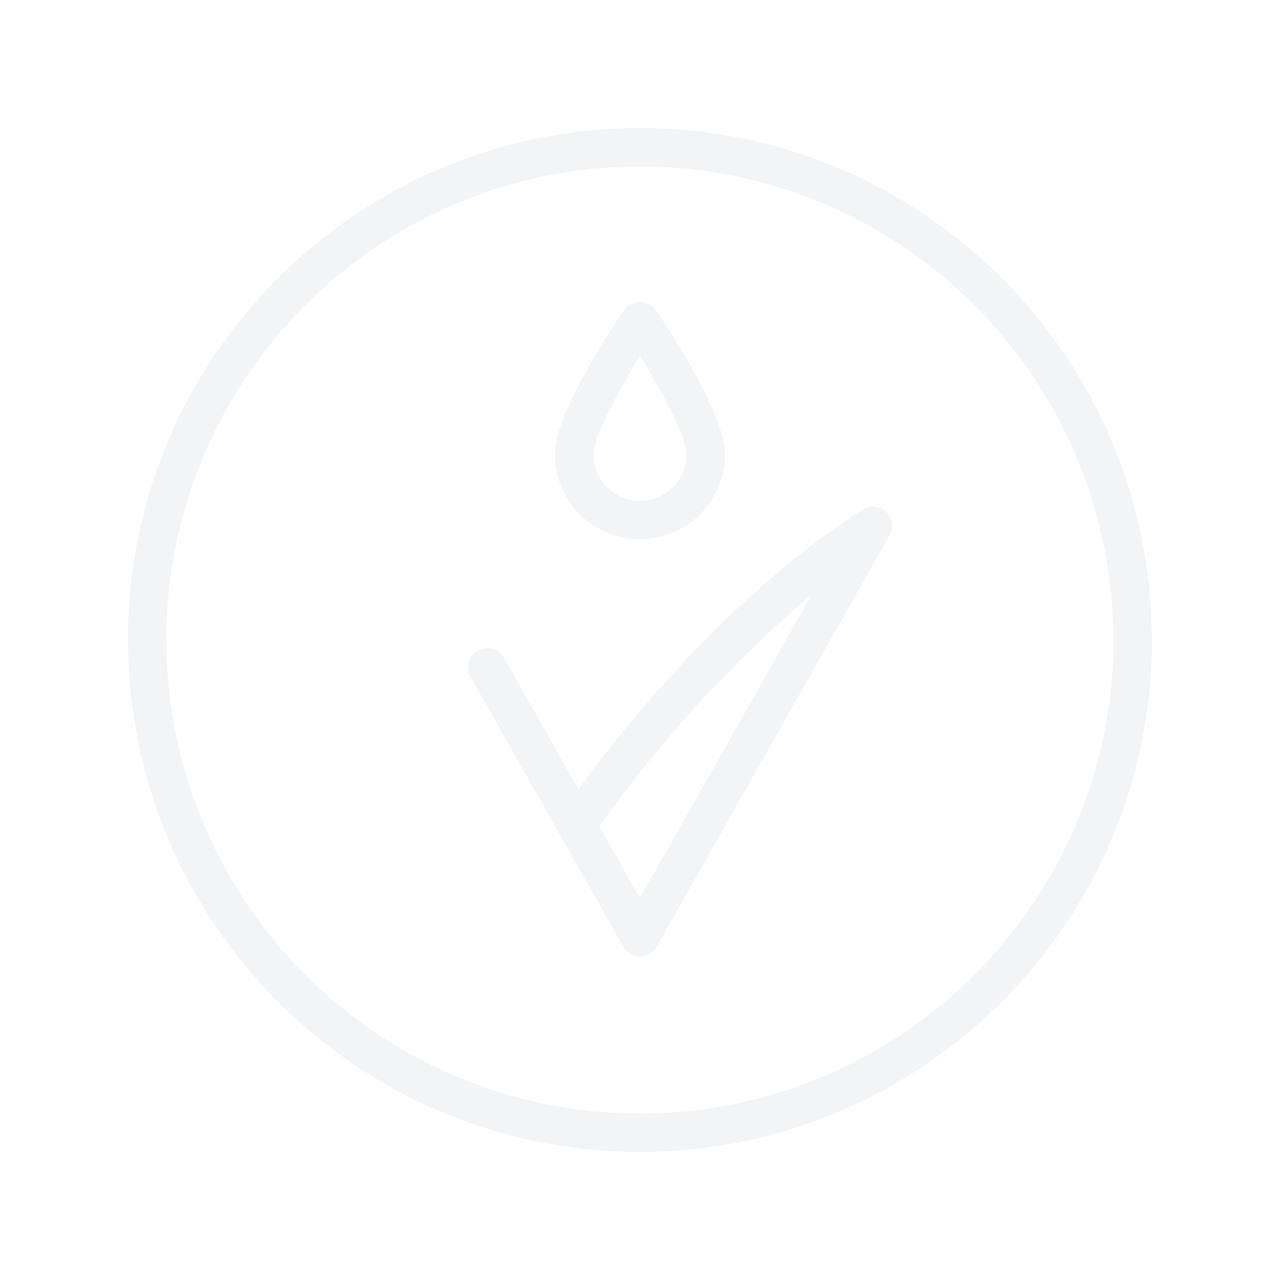 MITOMO Rice Leaven Essence Mask тканевая маска с эссенцией риса 25g